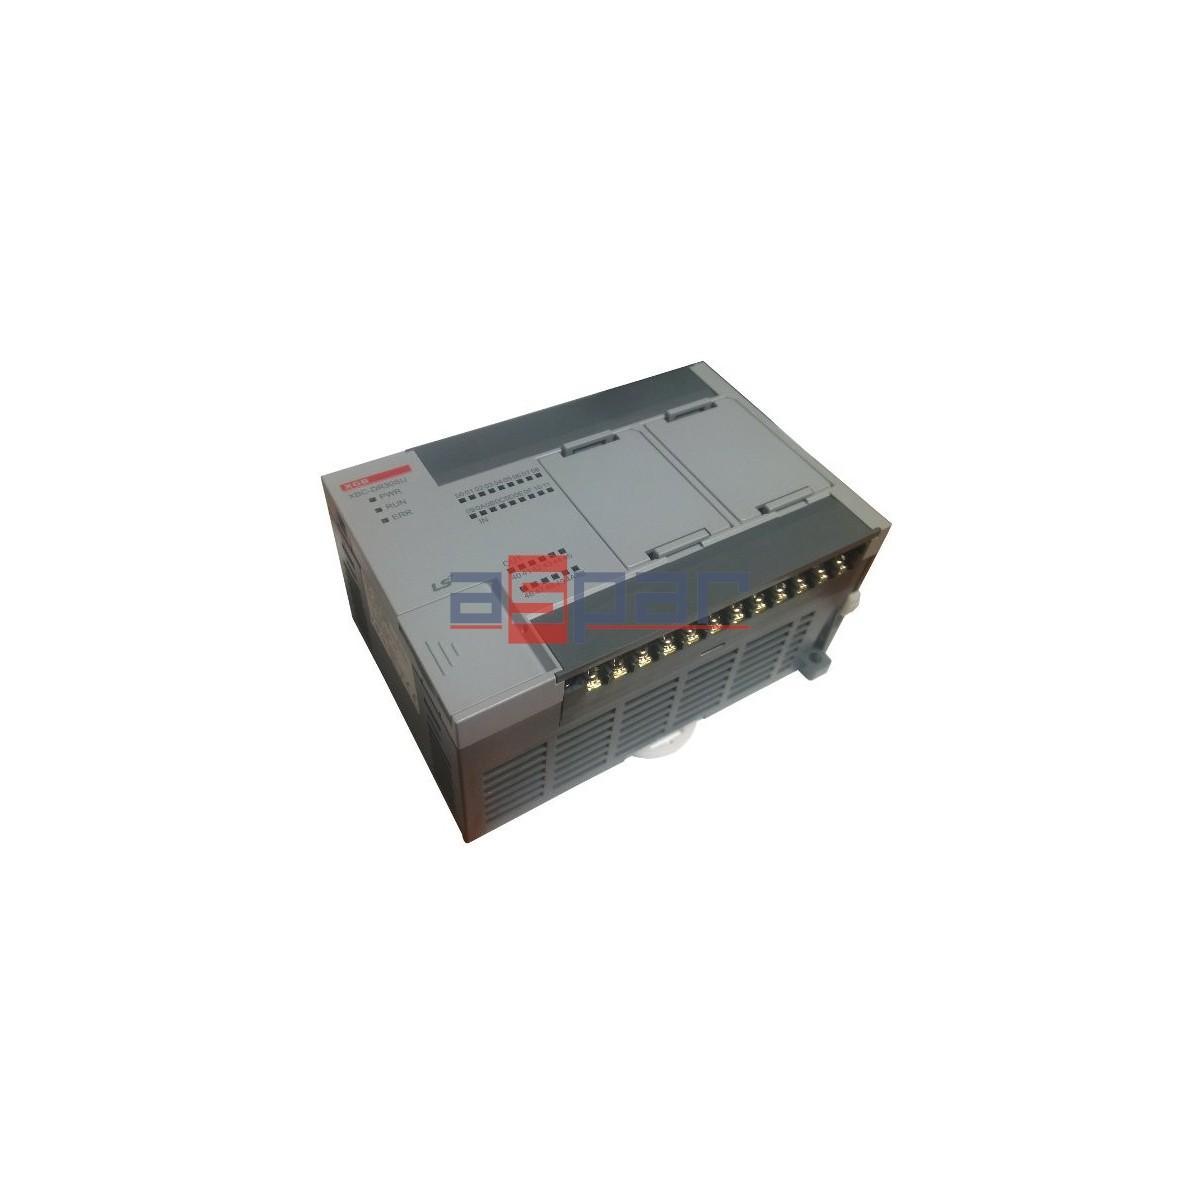 XBC-DR30SU - CPU 18 I/12 O relay